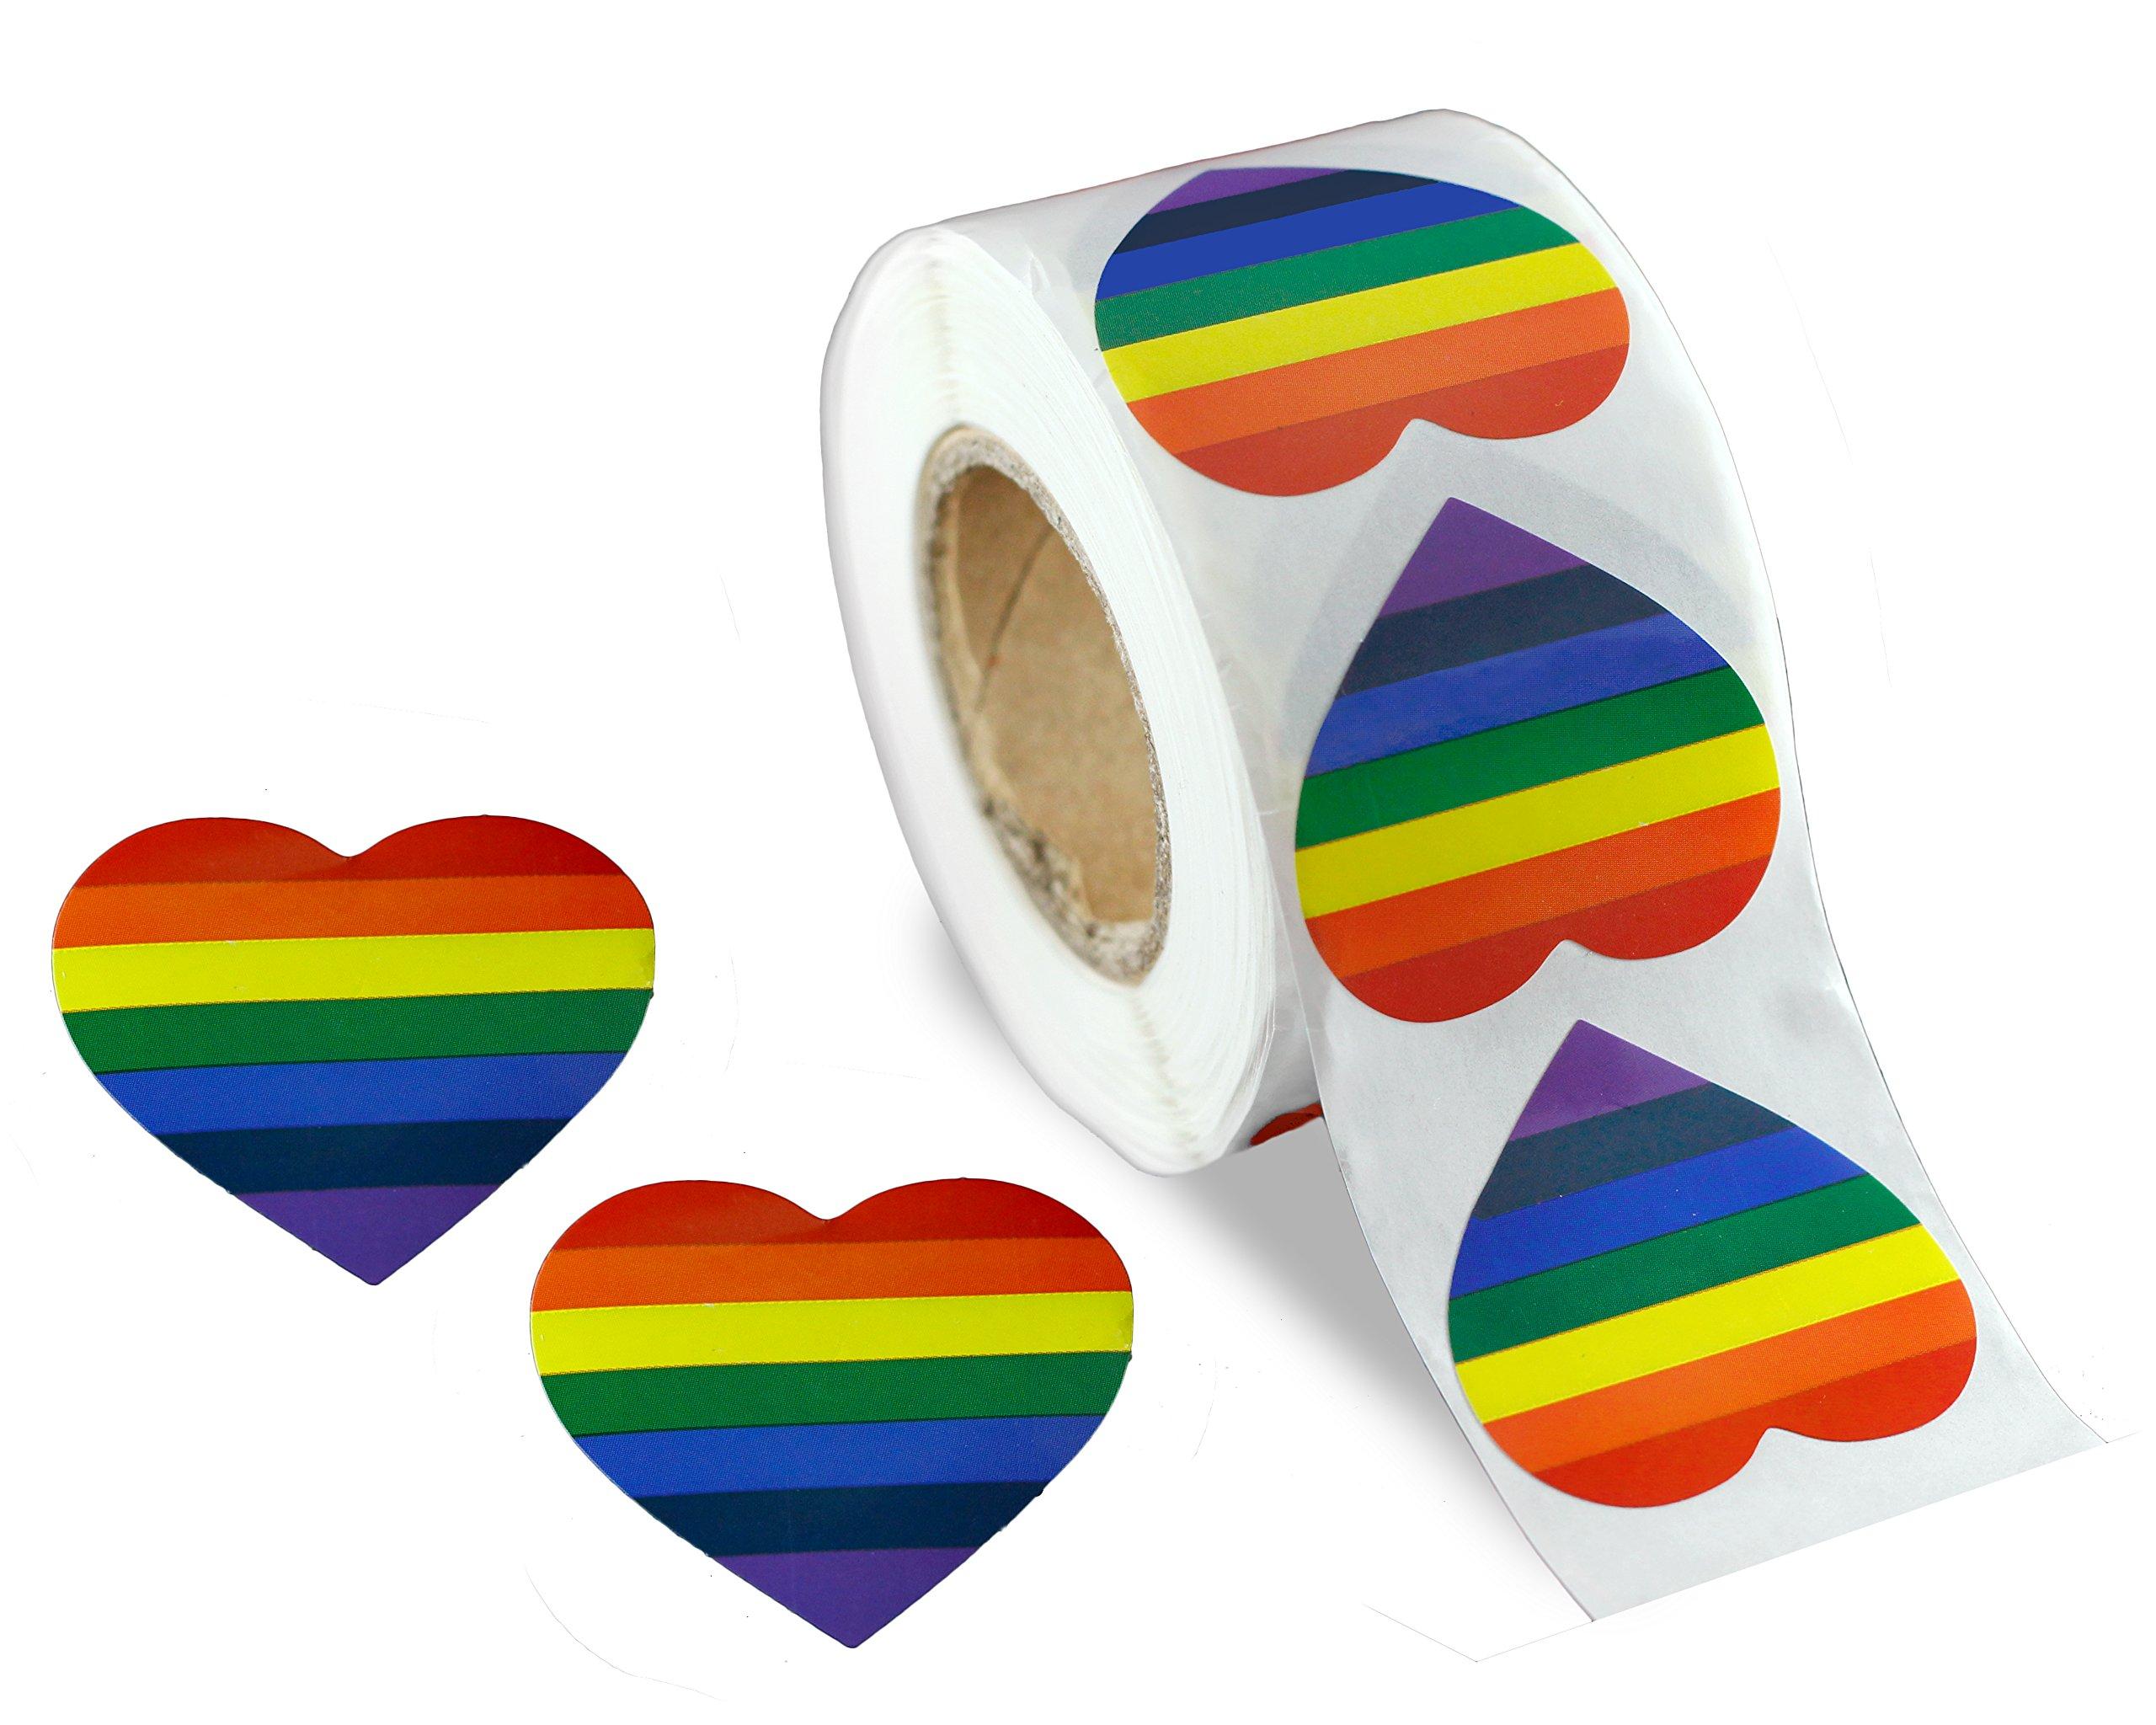 Stickers Calcos 500 un. LGBT Origen U.S.A. (1HQPHM3E)